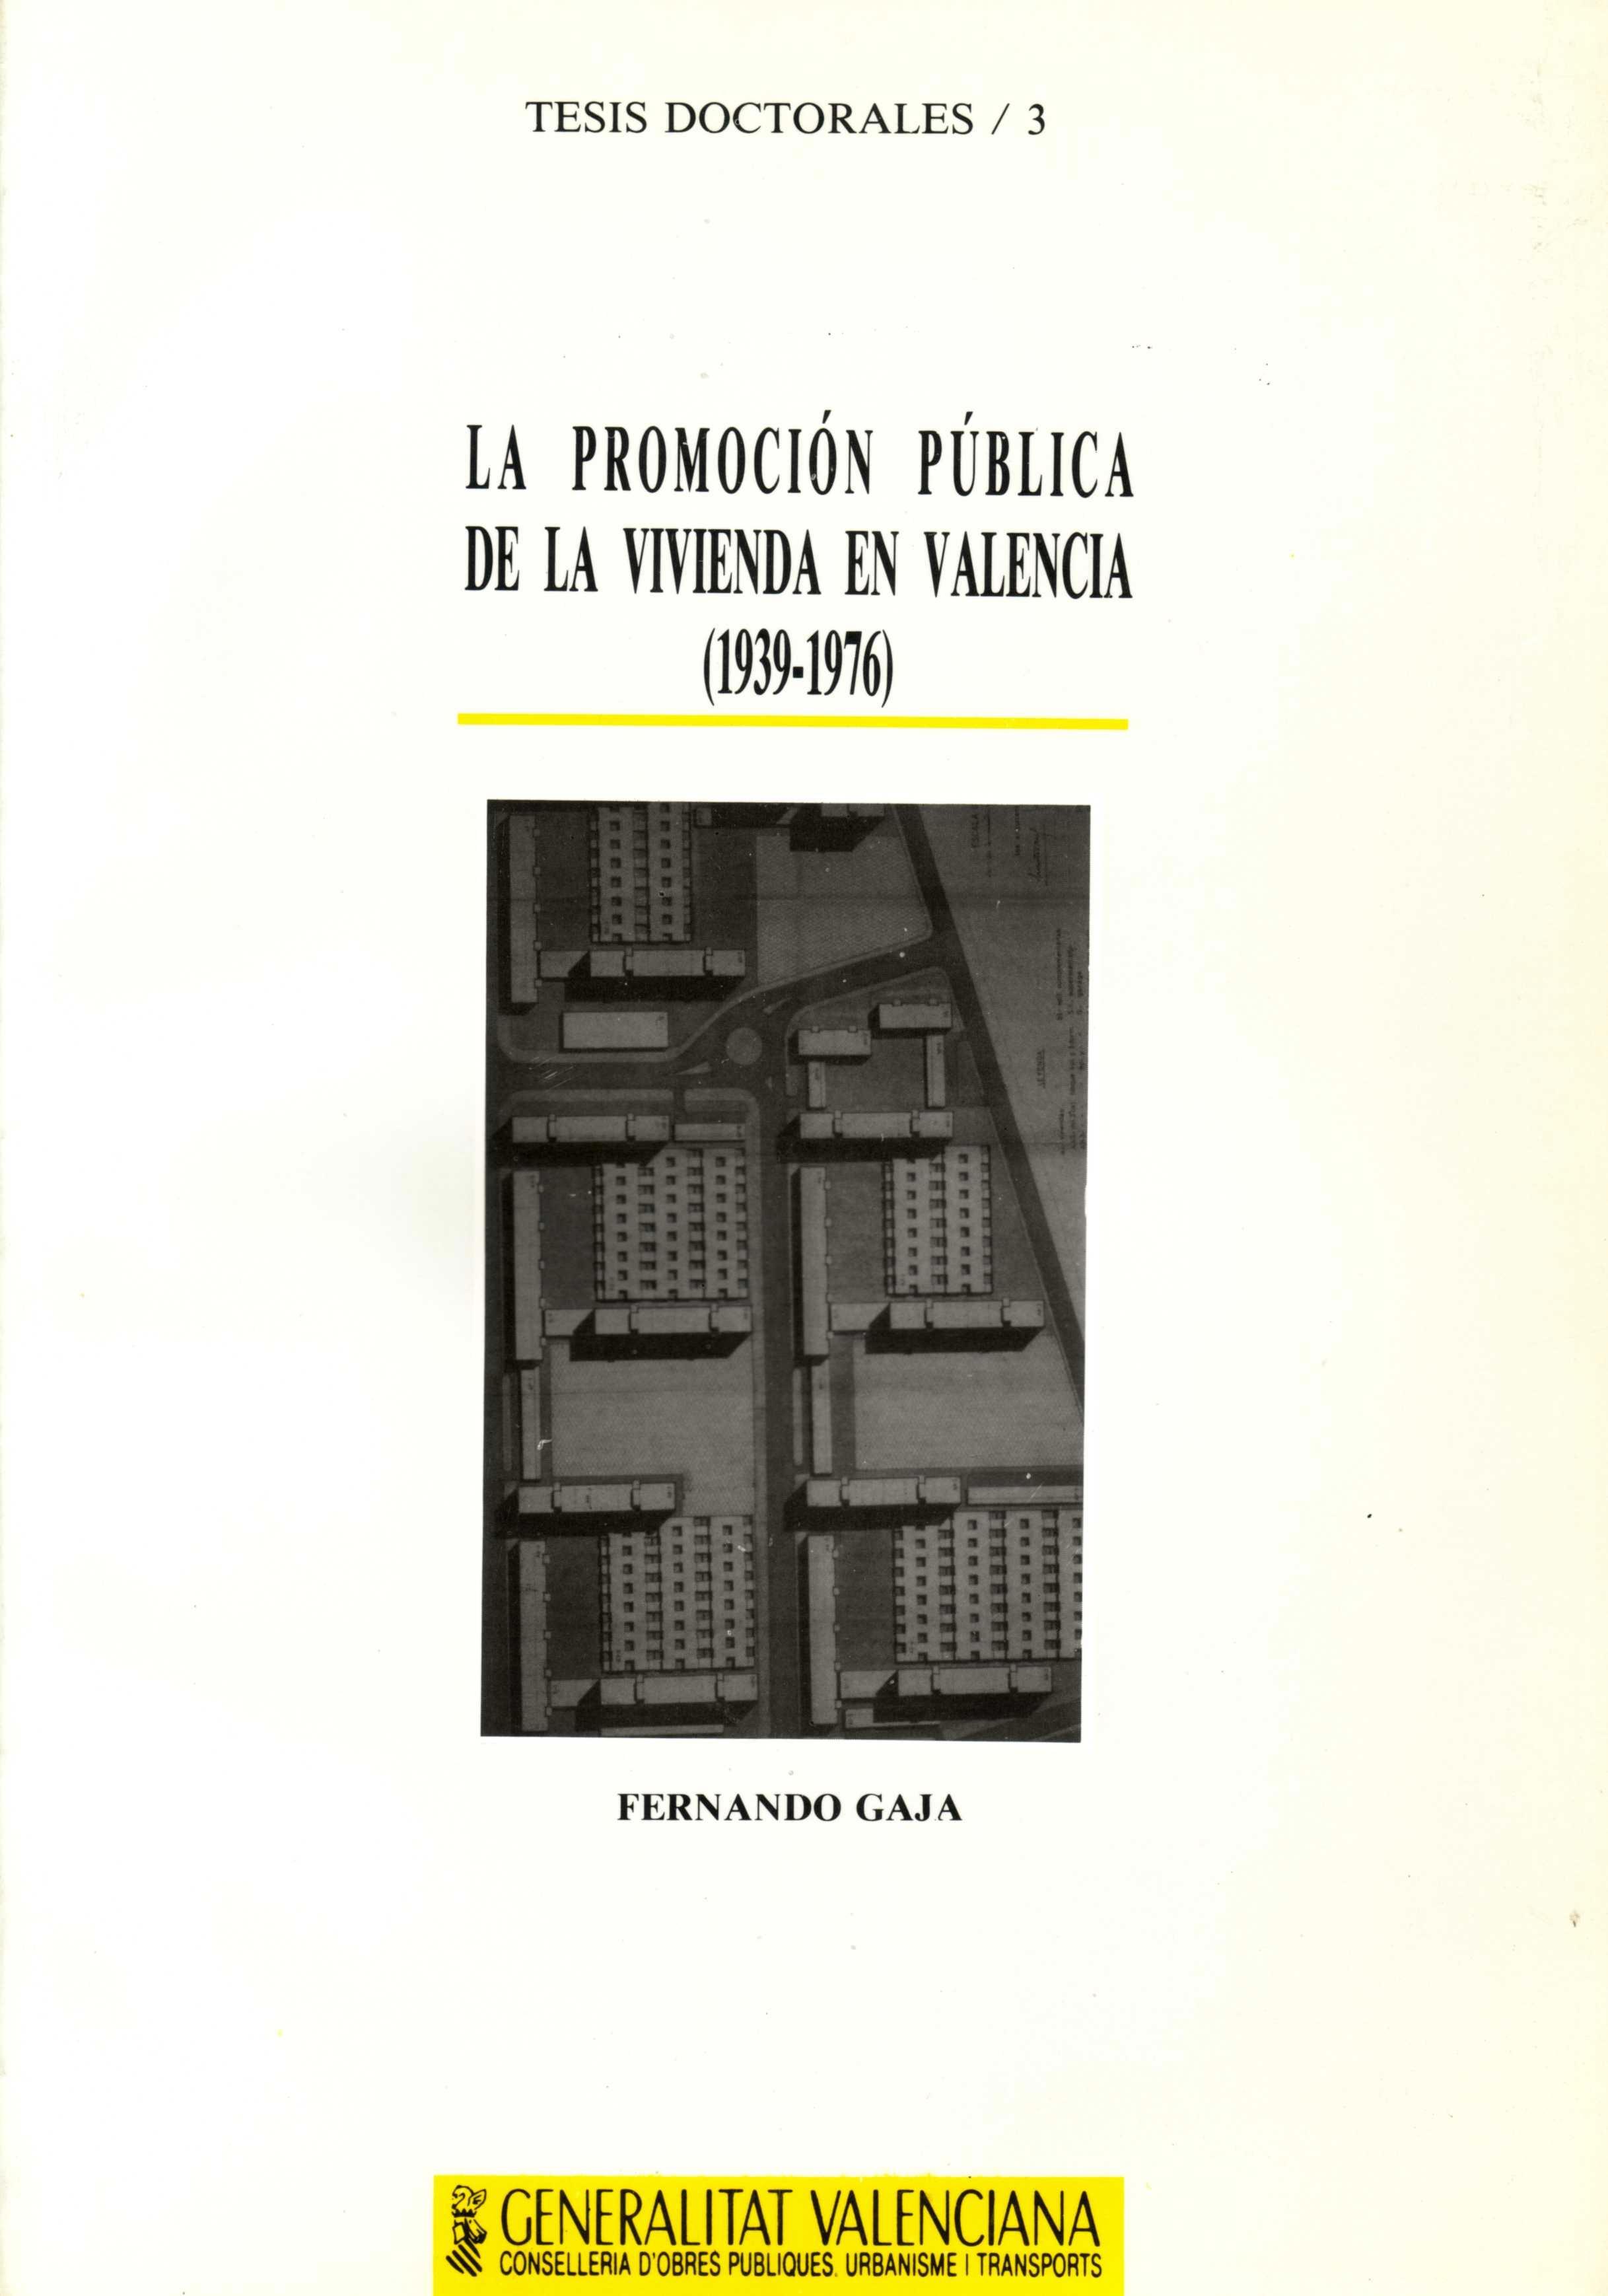 http://personales.upv.es/fgaja/publicaciones/fgaja%201.jpg